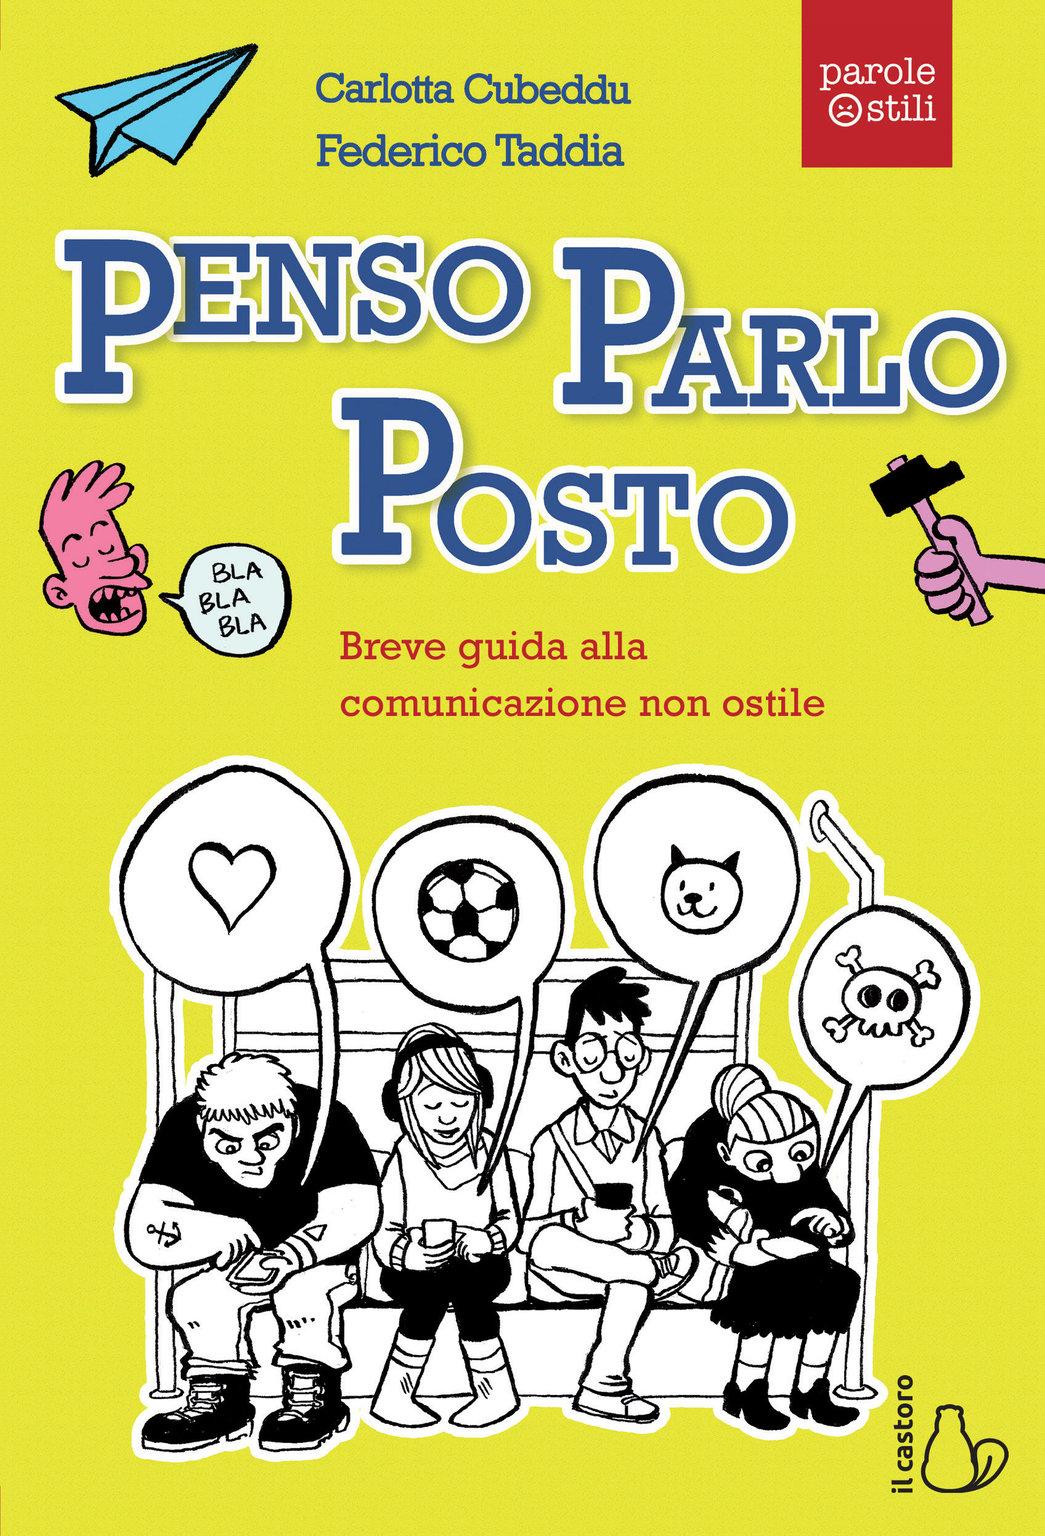 Penso Parlo Posto, il libro che allena a una comunicazione non ostile